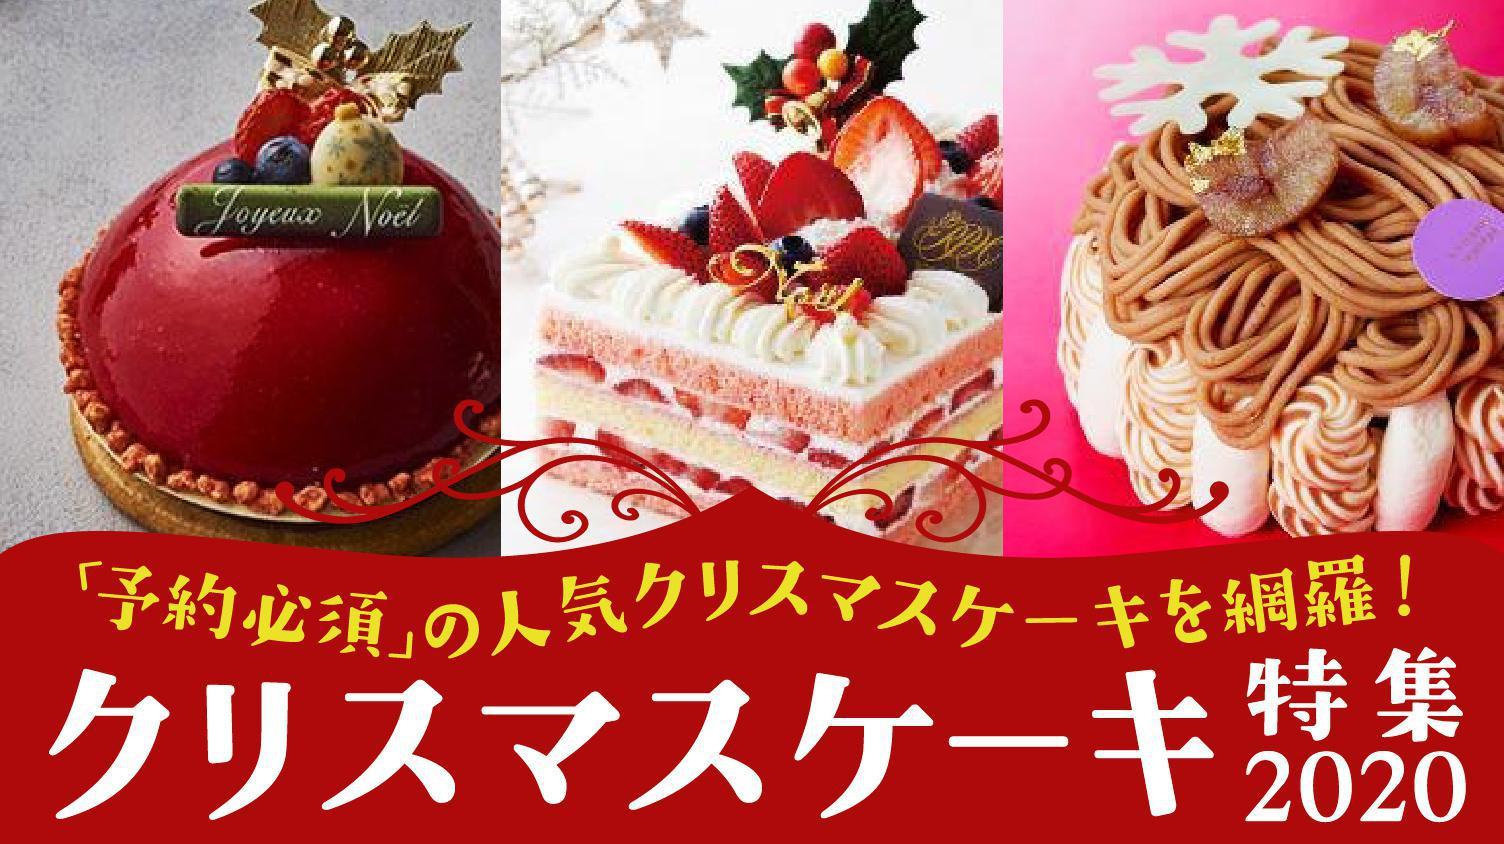 予約必須!クリスマスケーキ特集2020